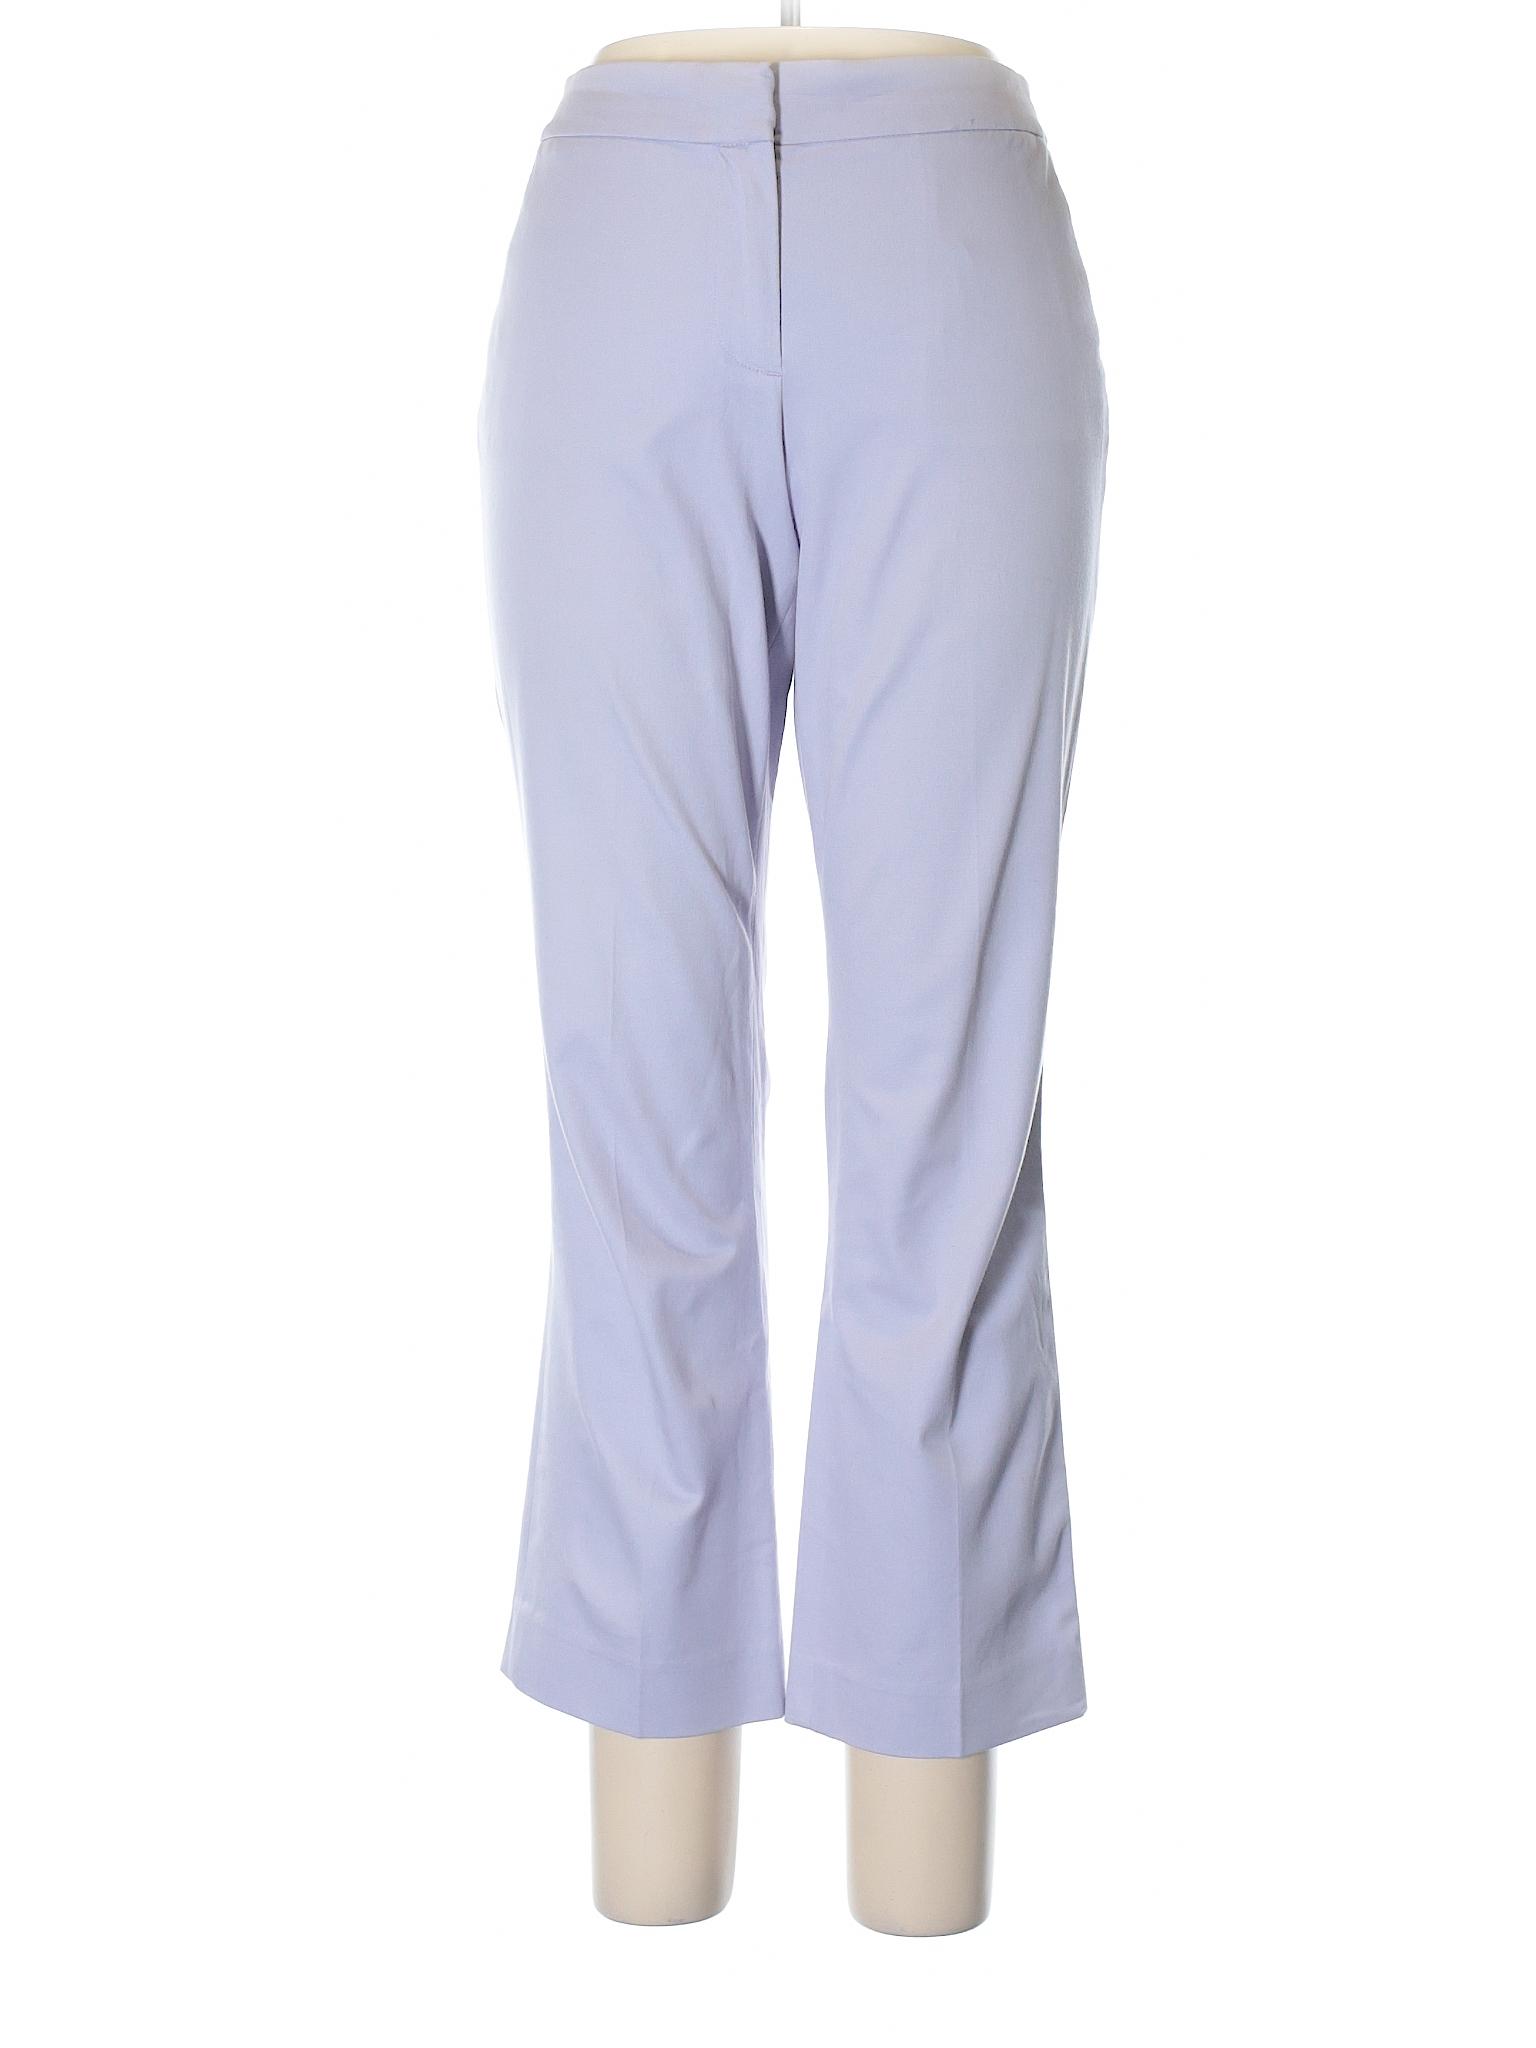 Casual Pants leisure Boutique Crew J T4SwqtCx6